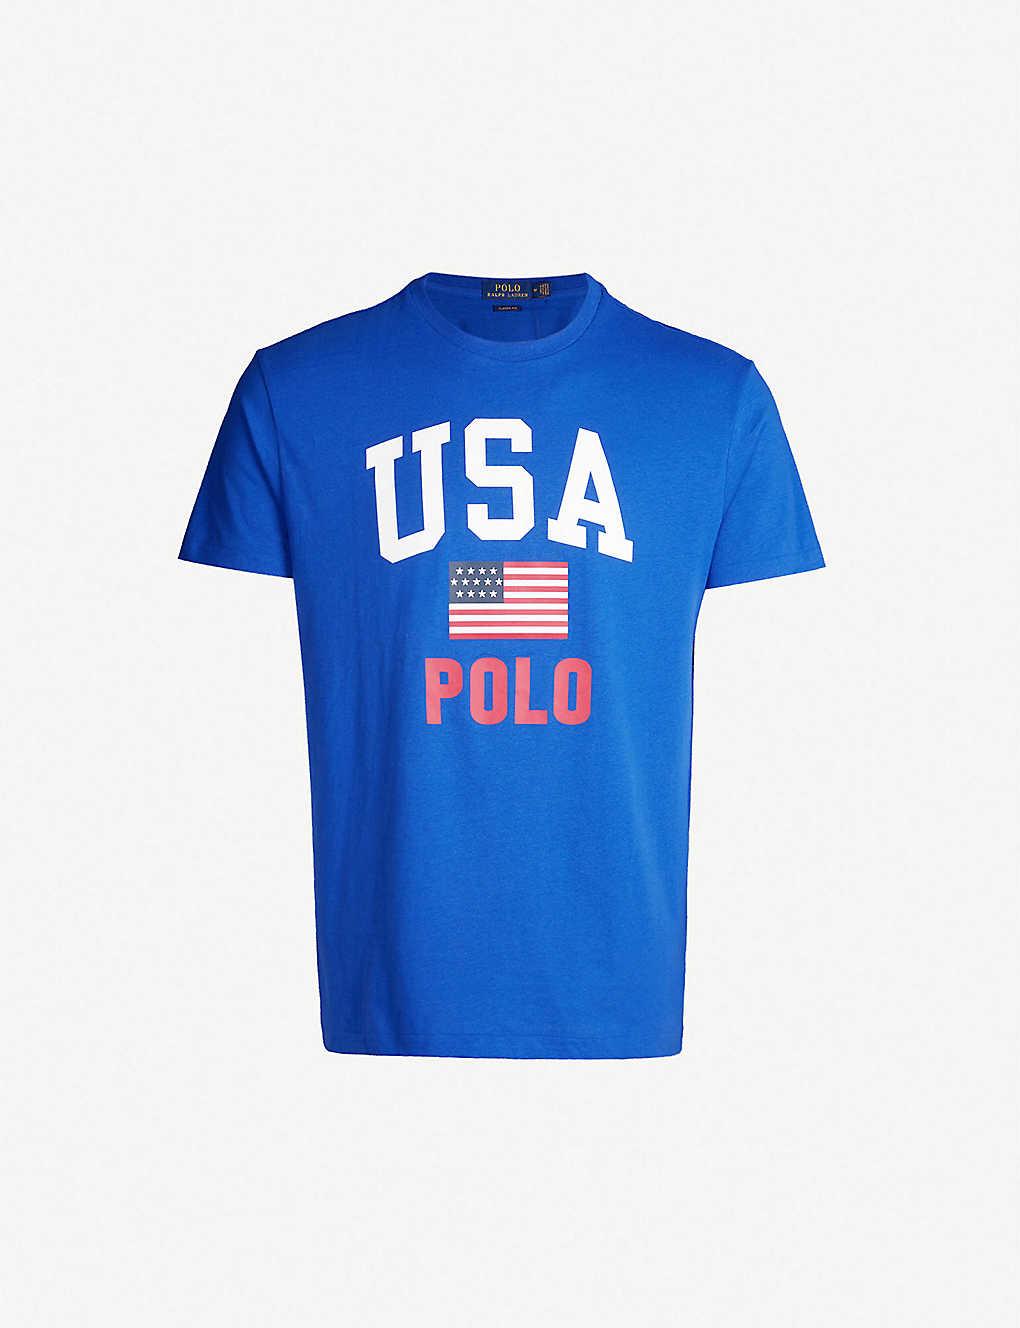 Ralph Jersey Usa Shirt Lauren Cotton Print Polo T uKJ31cTlF5